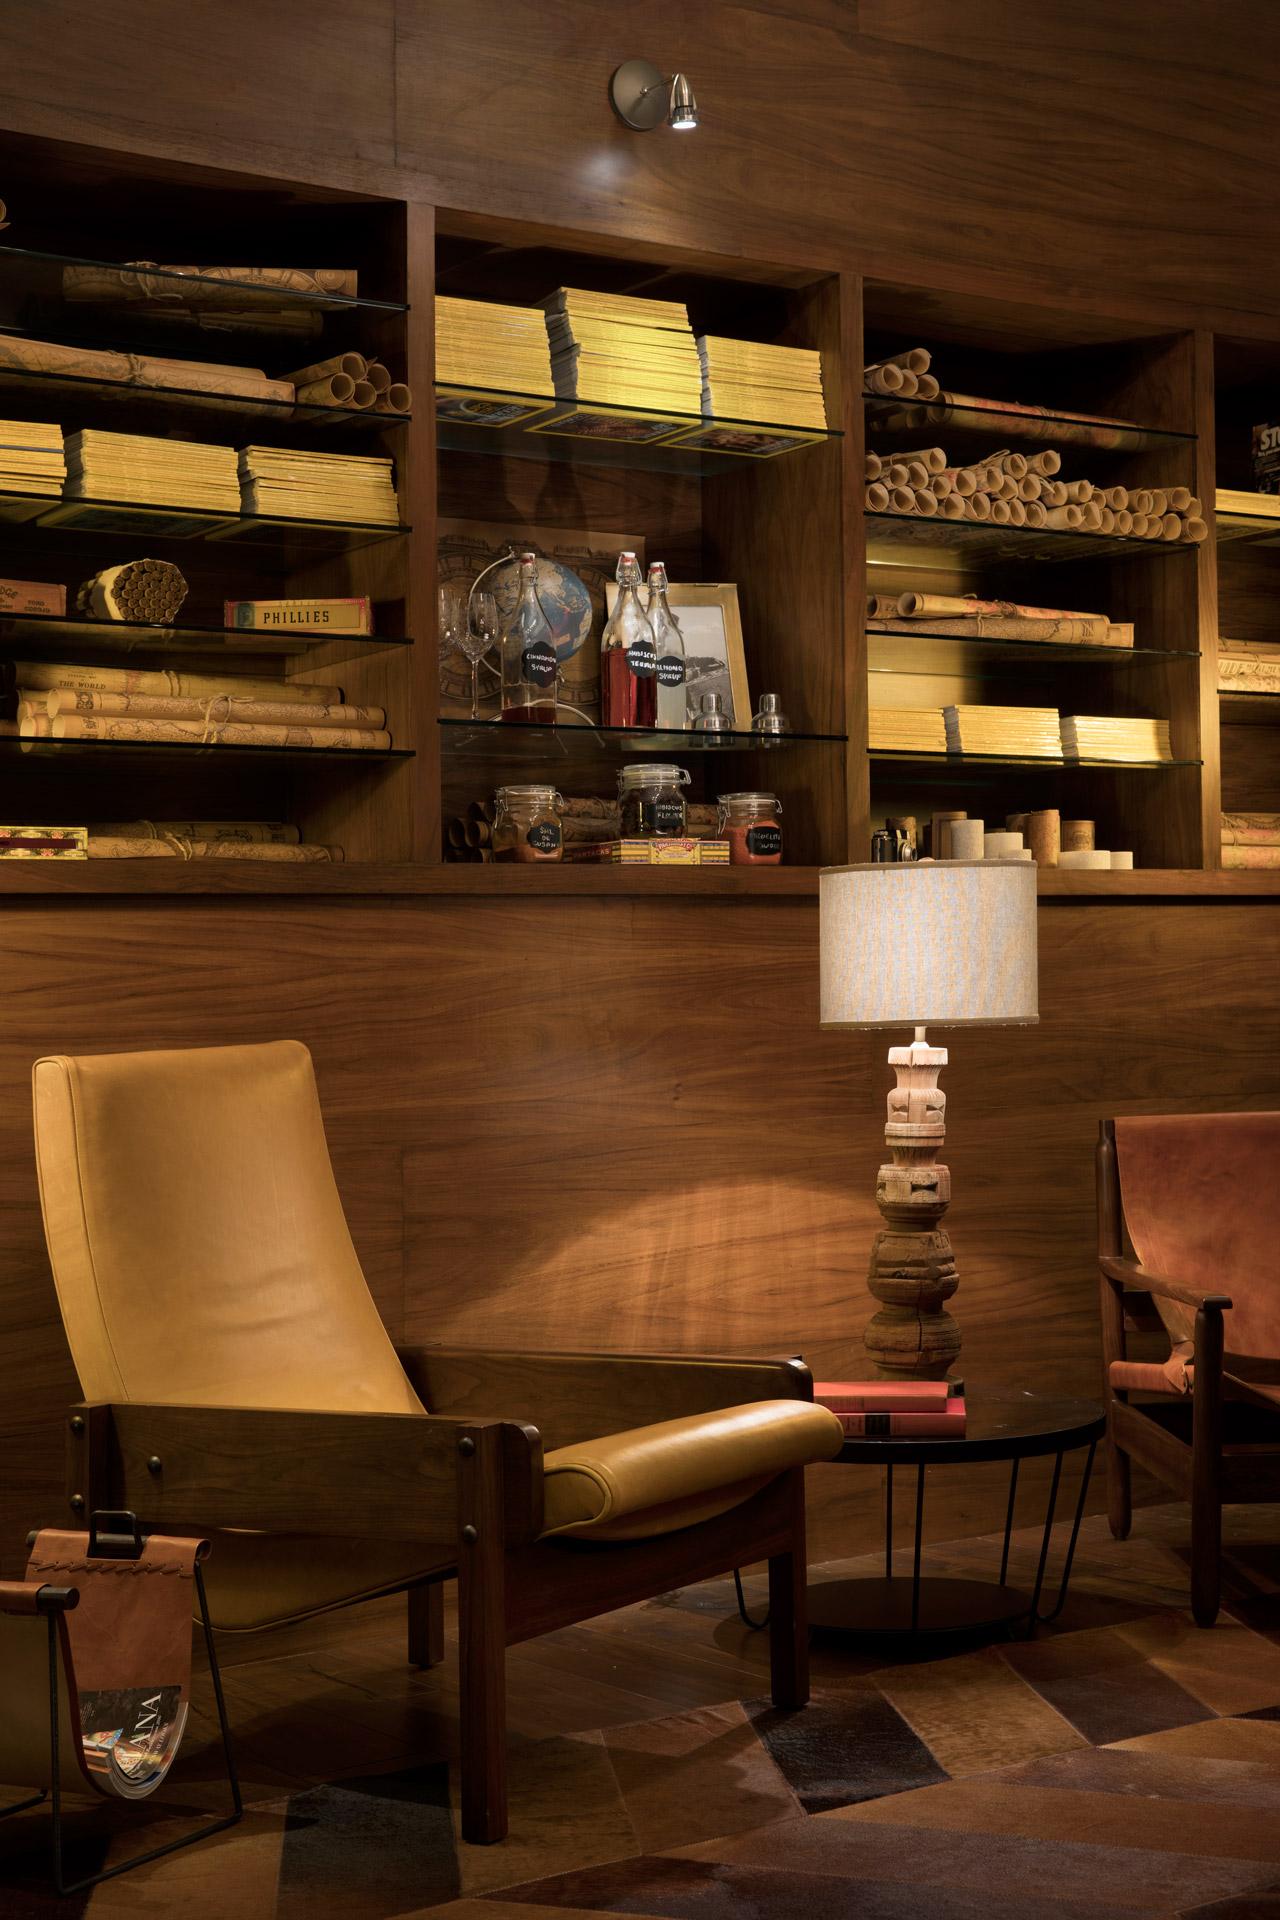 Casa Amate restaurant decor ideas